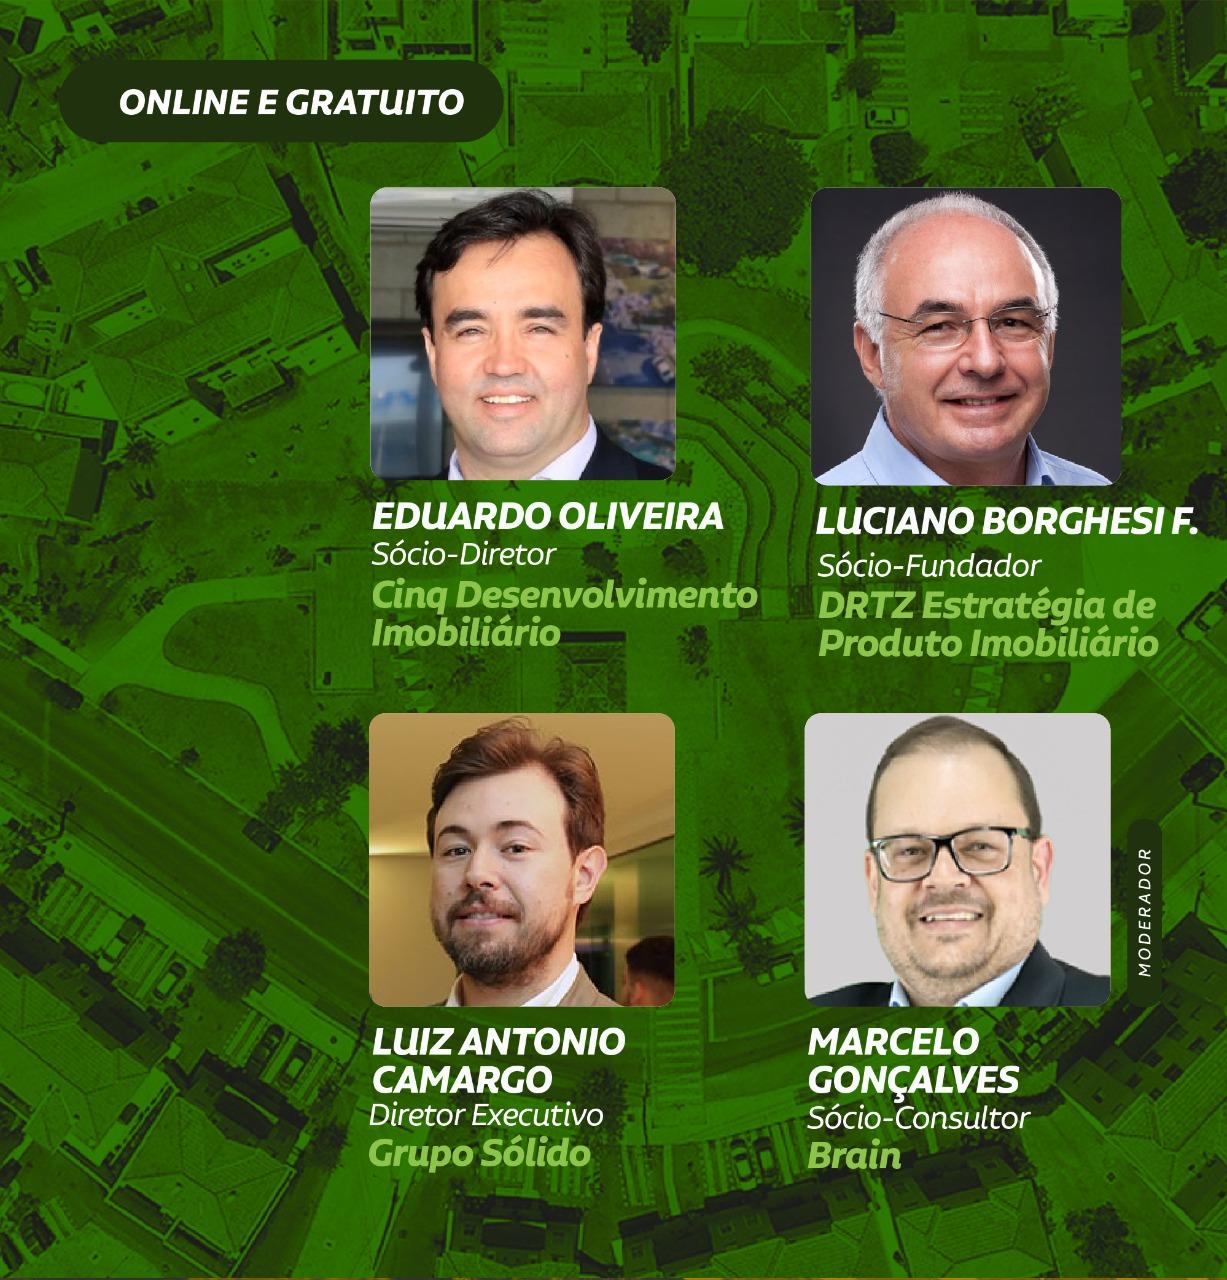 Desafios de implementar conceitos do novo urbanismo em projetos populares